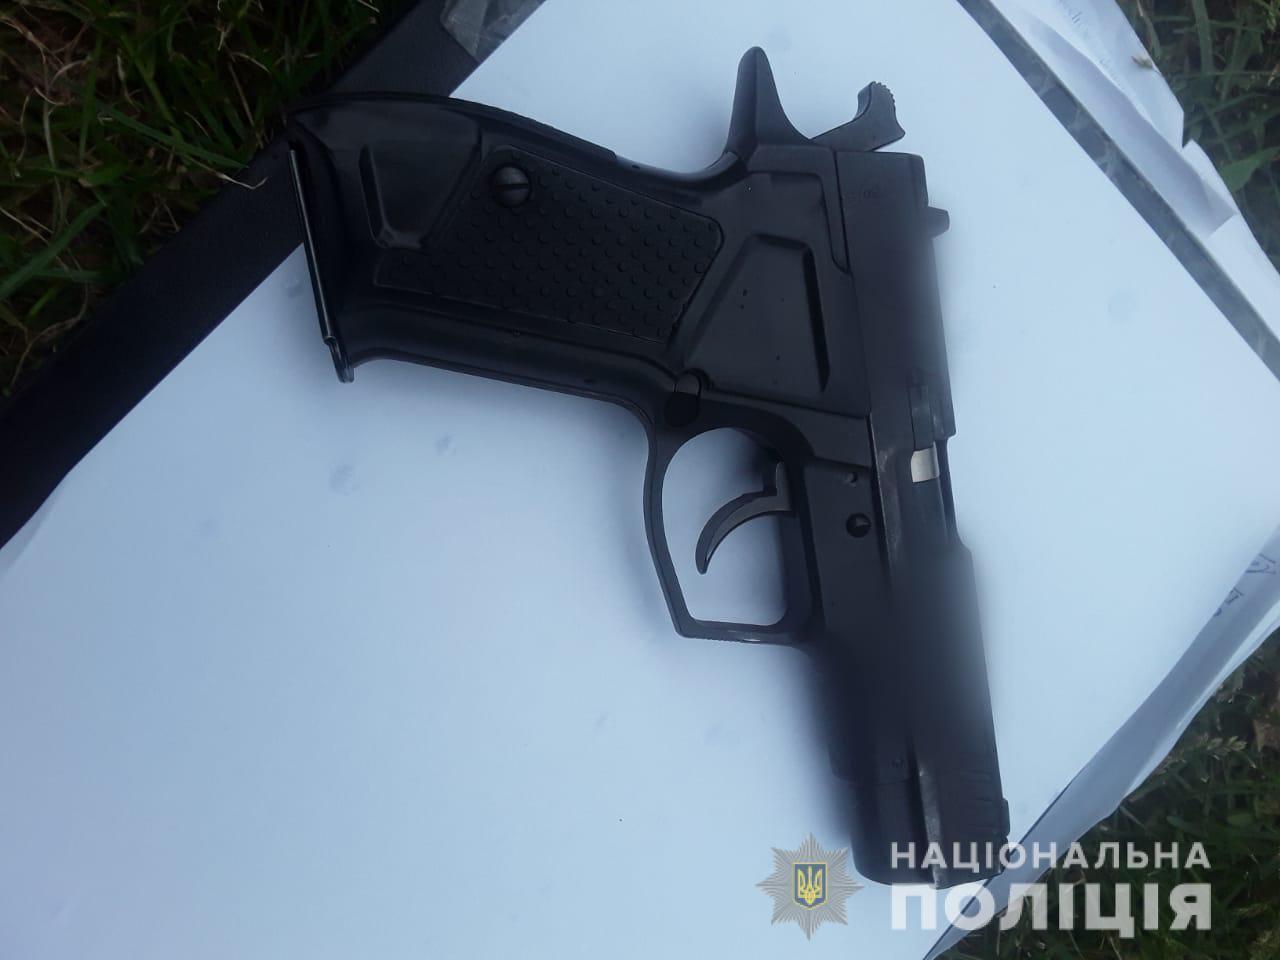 Оружие, из которого мужчина стрелял по односельчанам